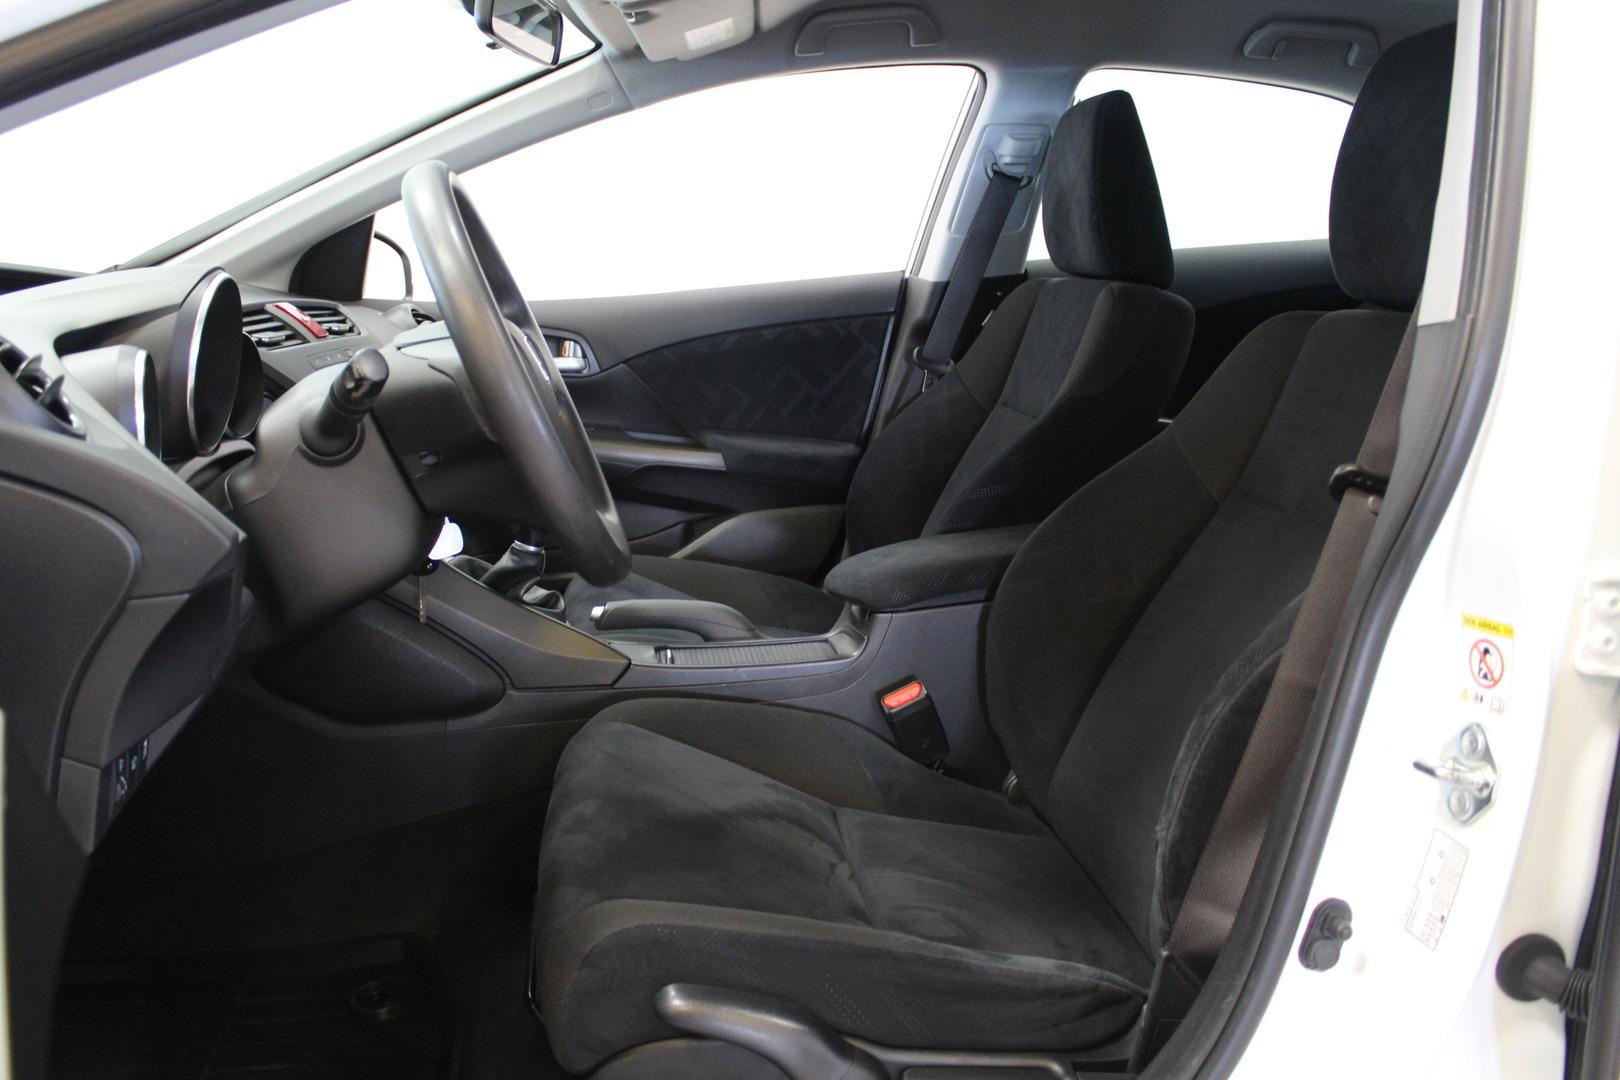 Honda Civic, 1,6 Comfort #Huippusiisti #Suomi-auto #Vähän ajettu